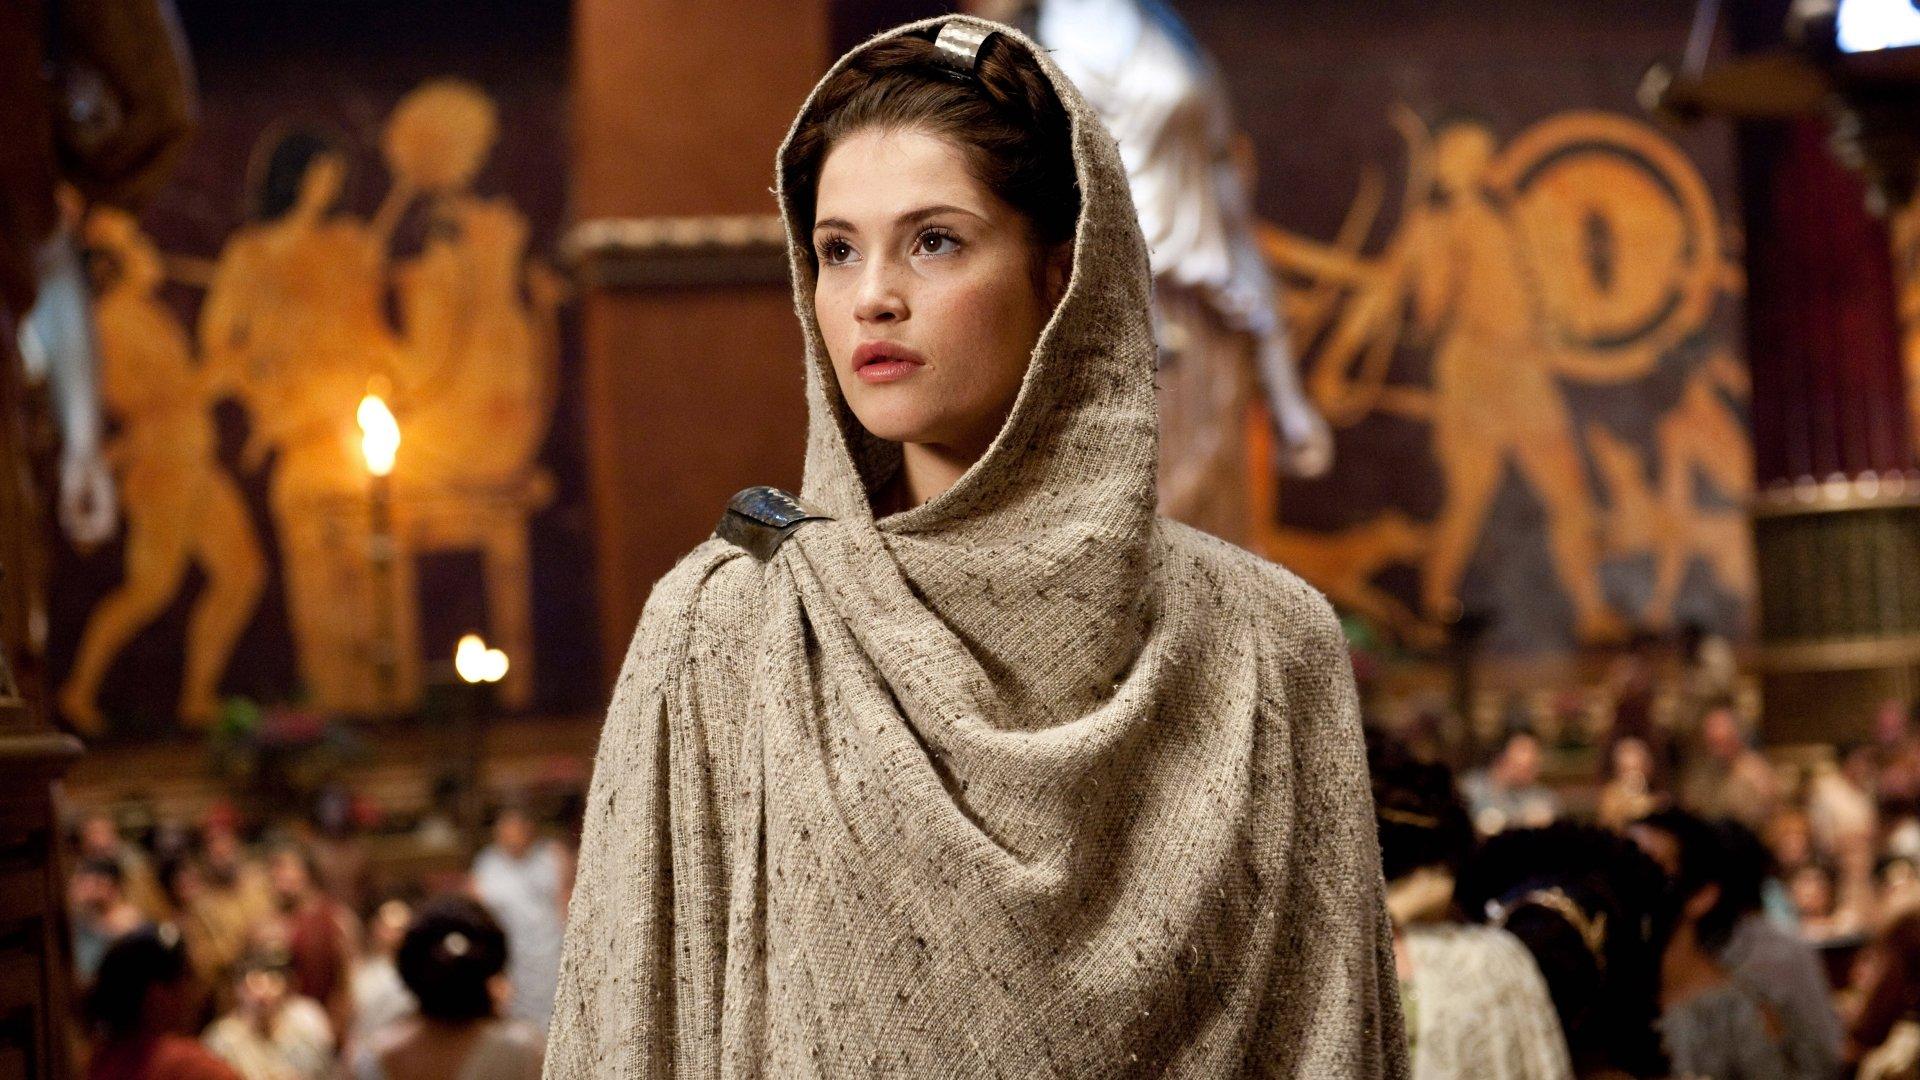 Gemma Arterton as Io in Clash of the Titans (2010)